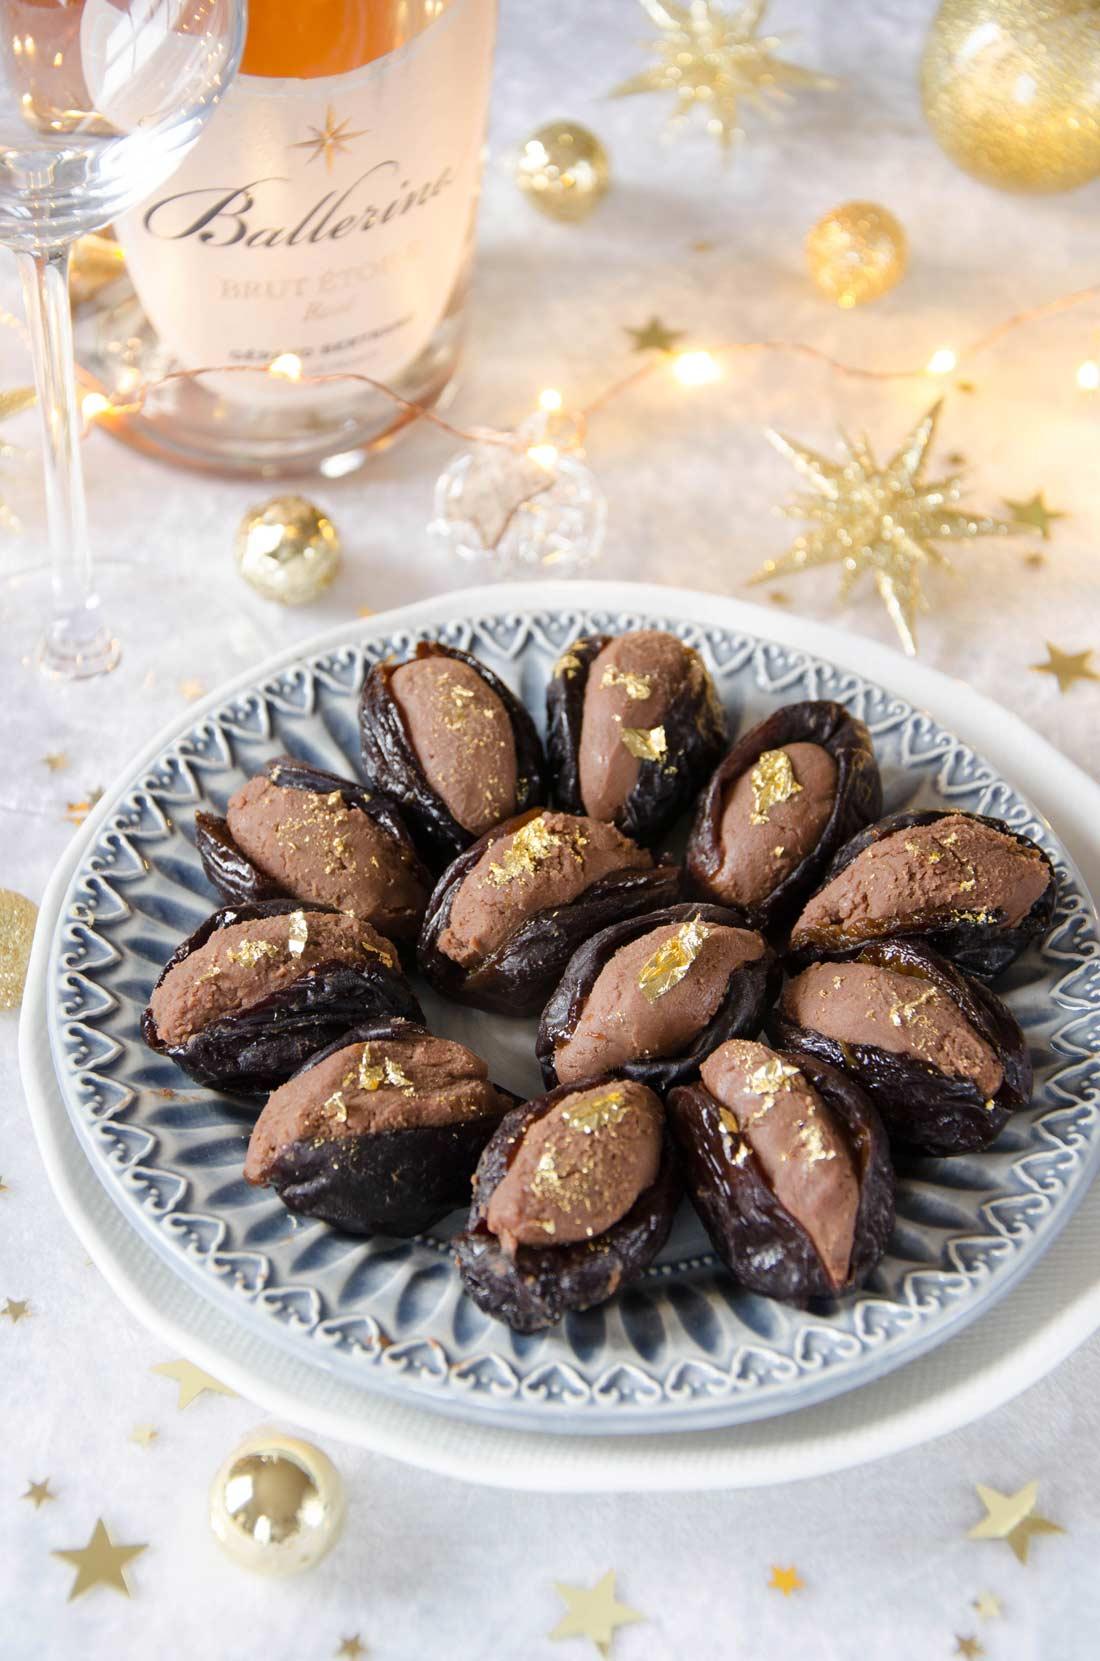 pruneaux farcis au chocolat maison